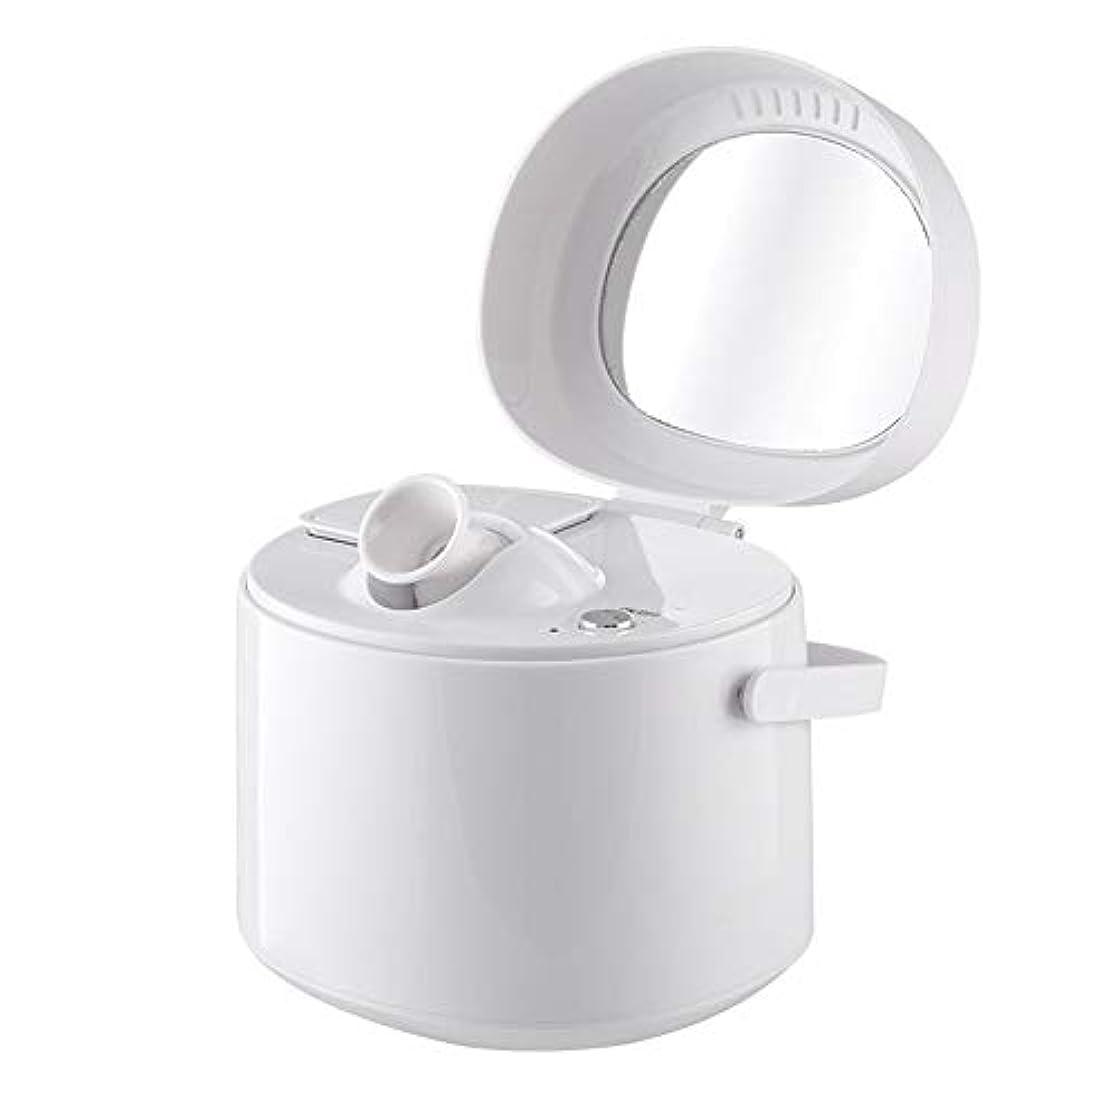 たくさんルーキー富豪ZXF ホットスプレースチームフェイス美容器具ホームナノイオン保湿スプレー美容器具美容ミラーホワイト 滑らかである